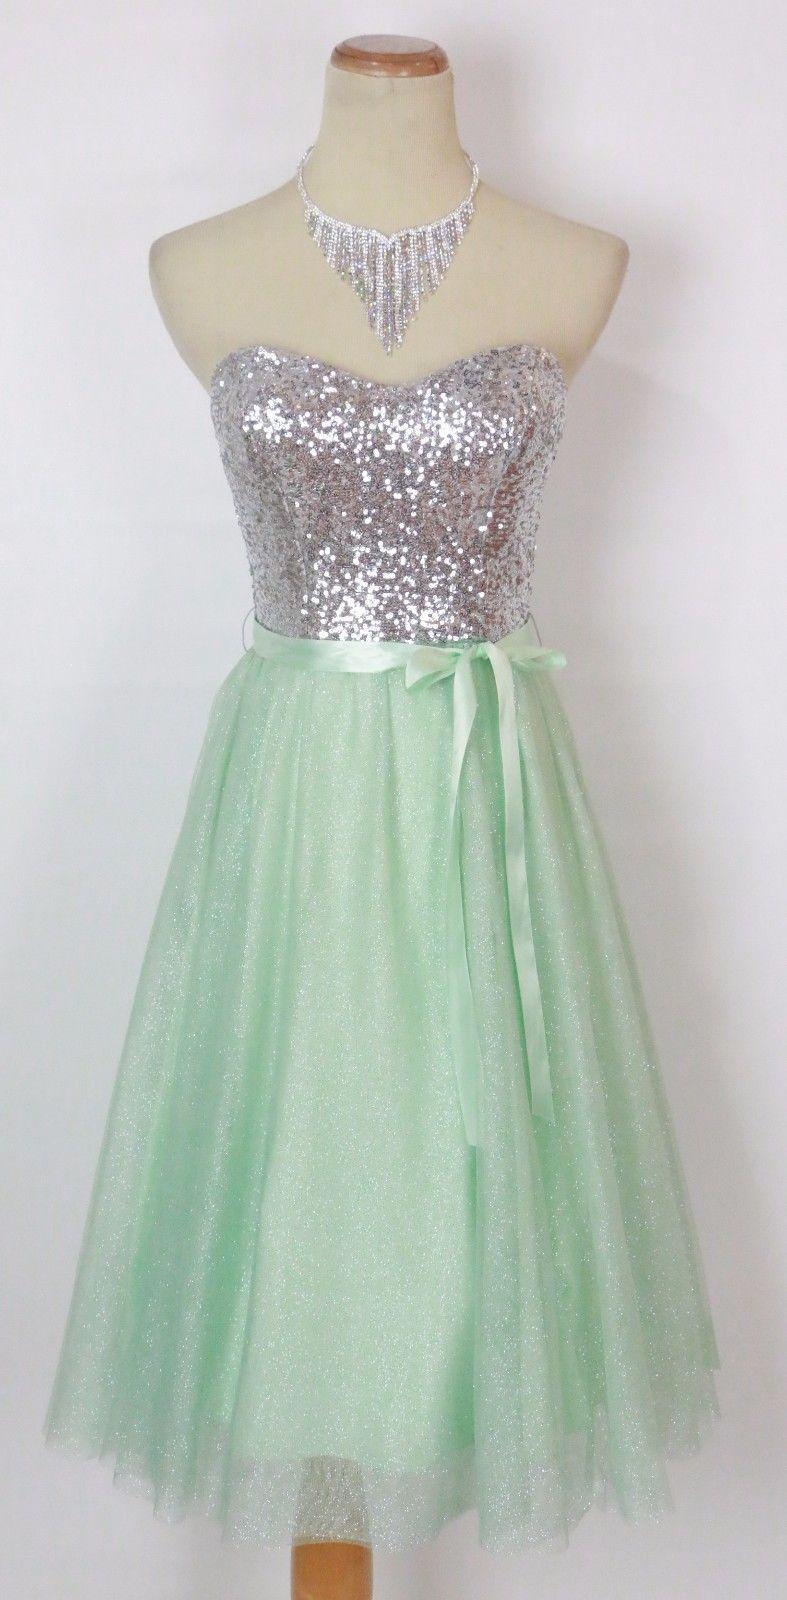 Windsor mint prom formal evening cocktail short dress size